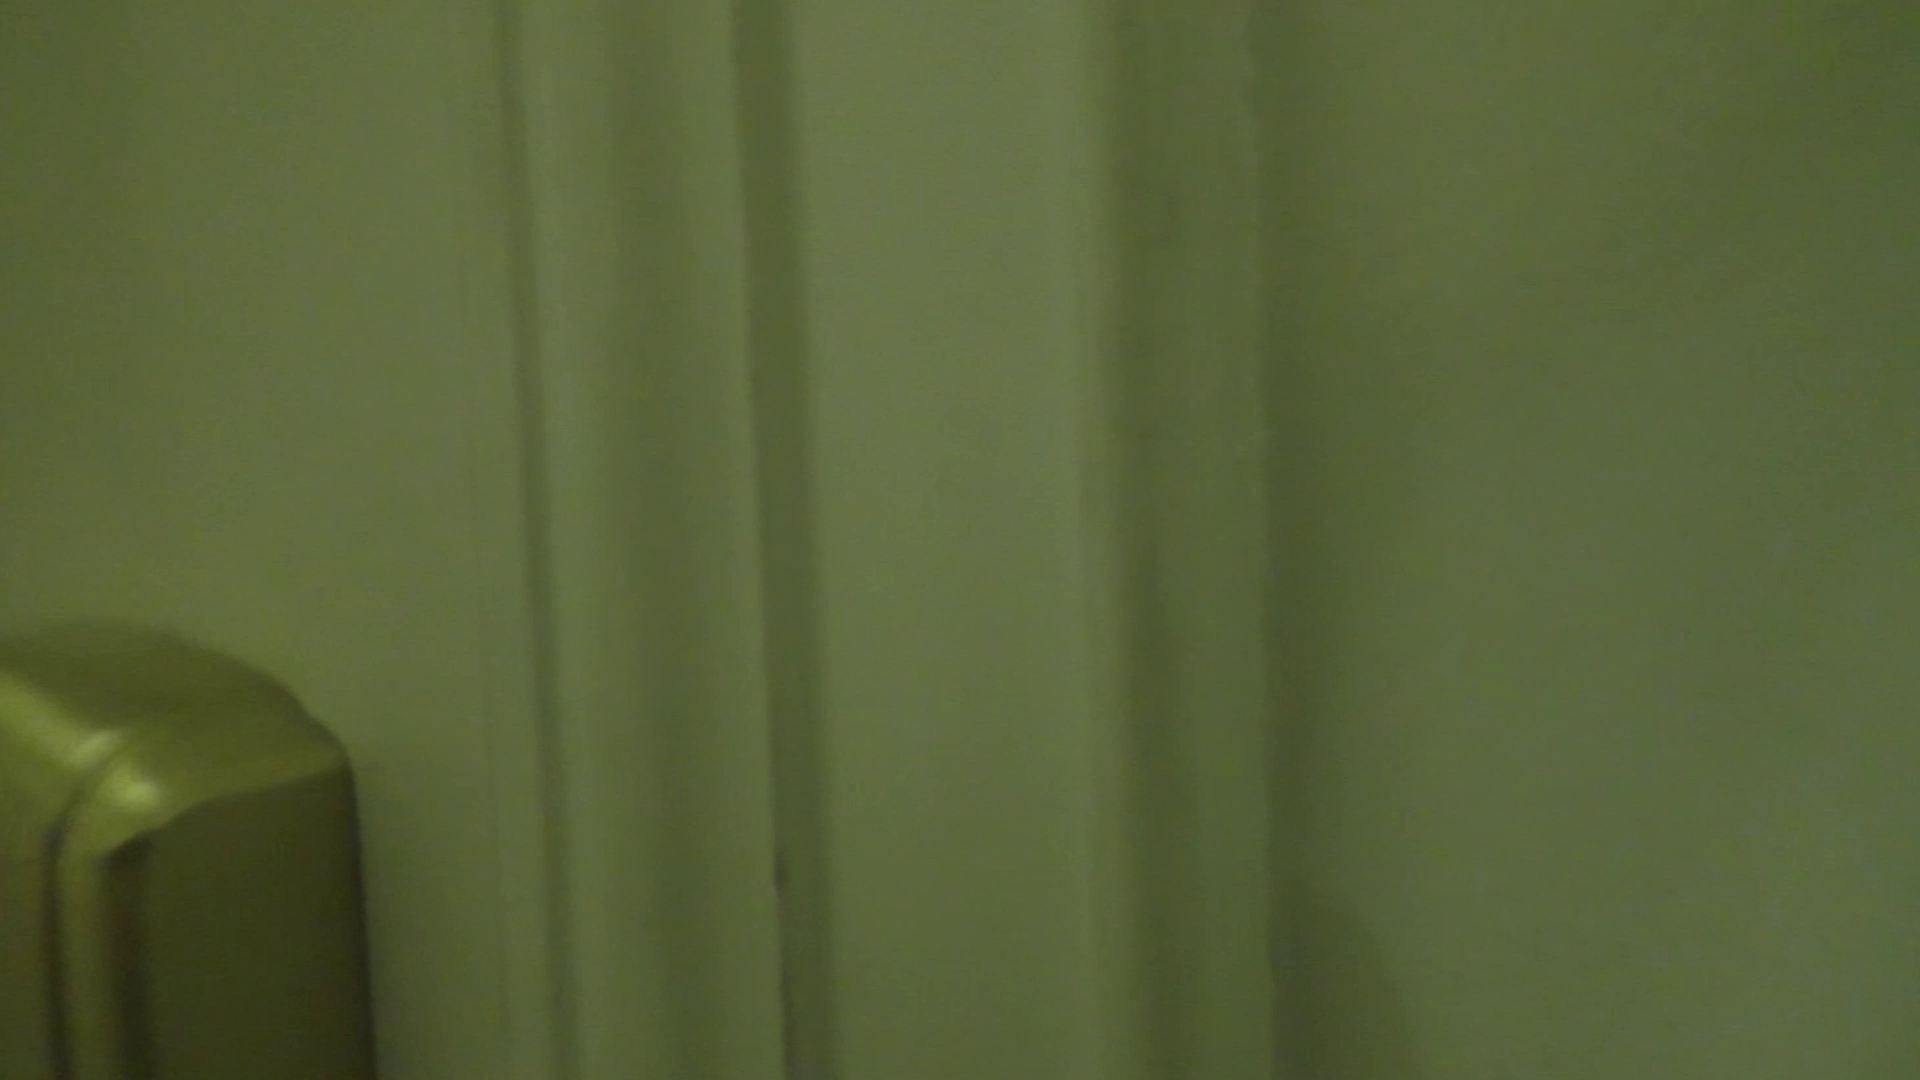 おいはカリデカ!File.03 オナニー | HTDV アダルトビデオ画像キャプチャ 107pic 57